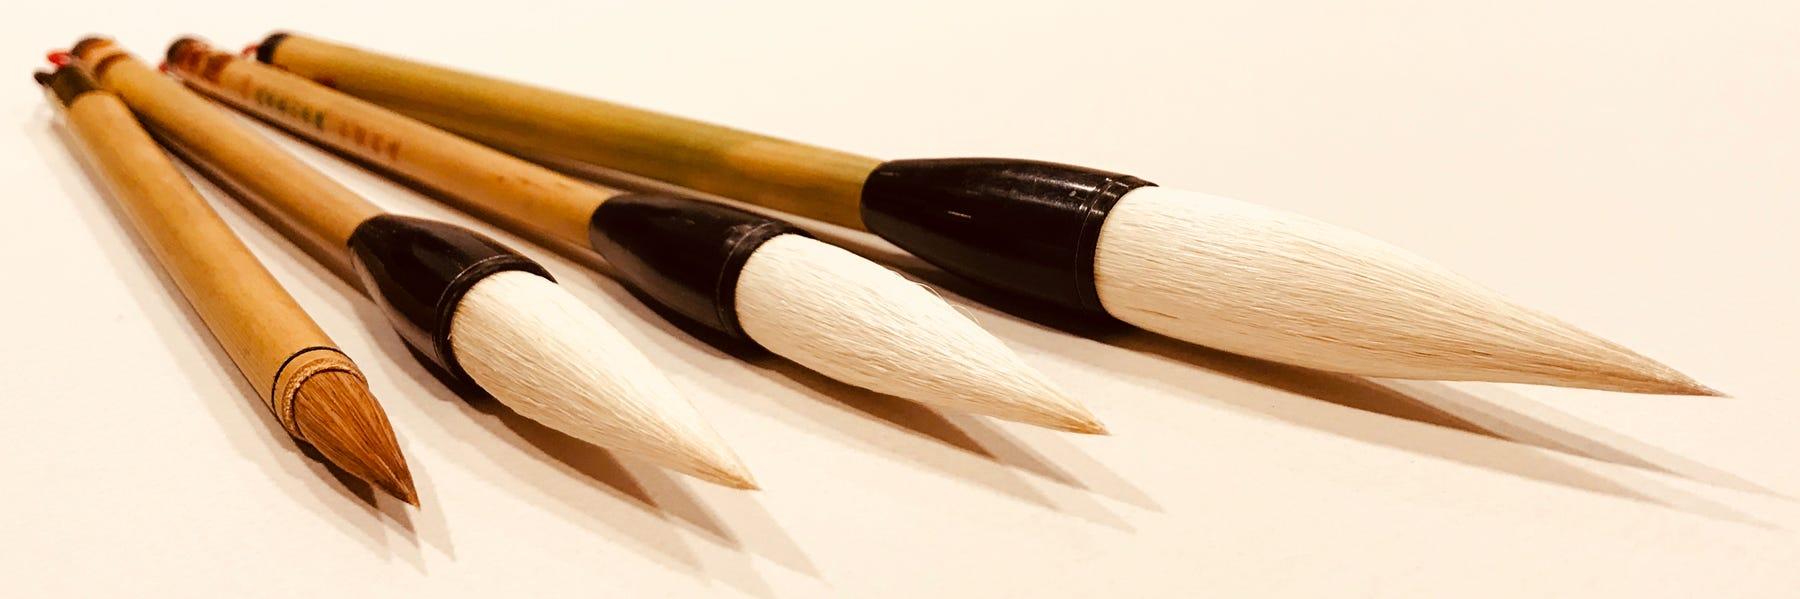 Tuschpenslar bambu